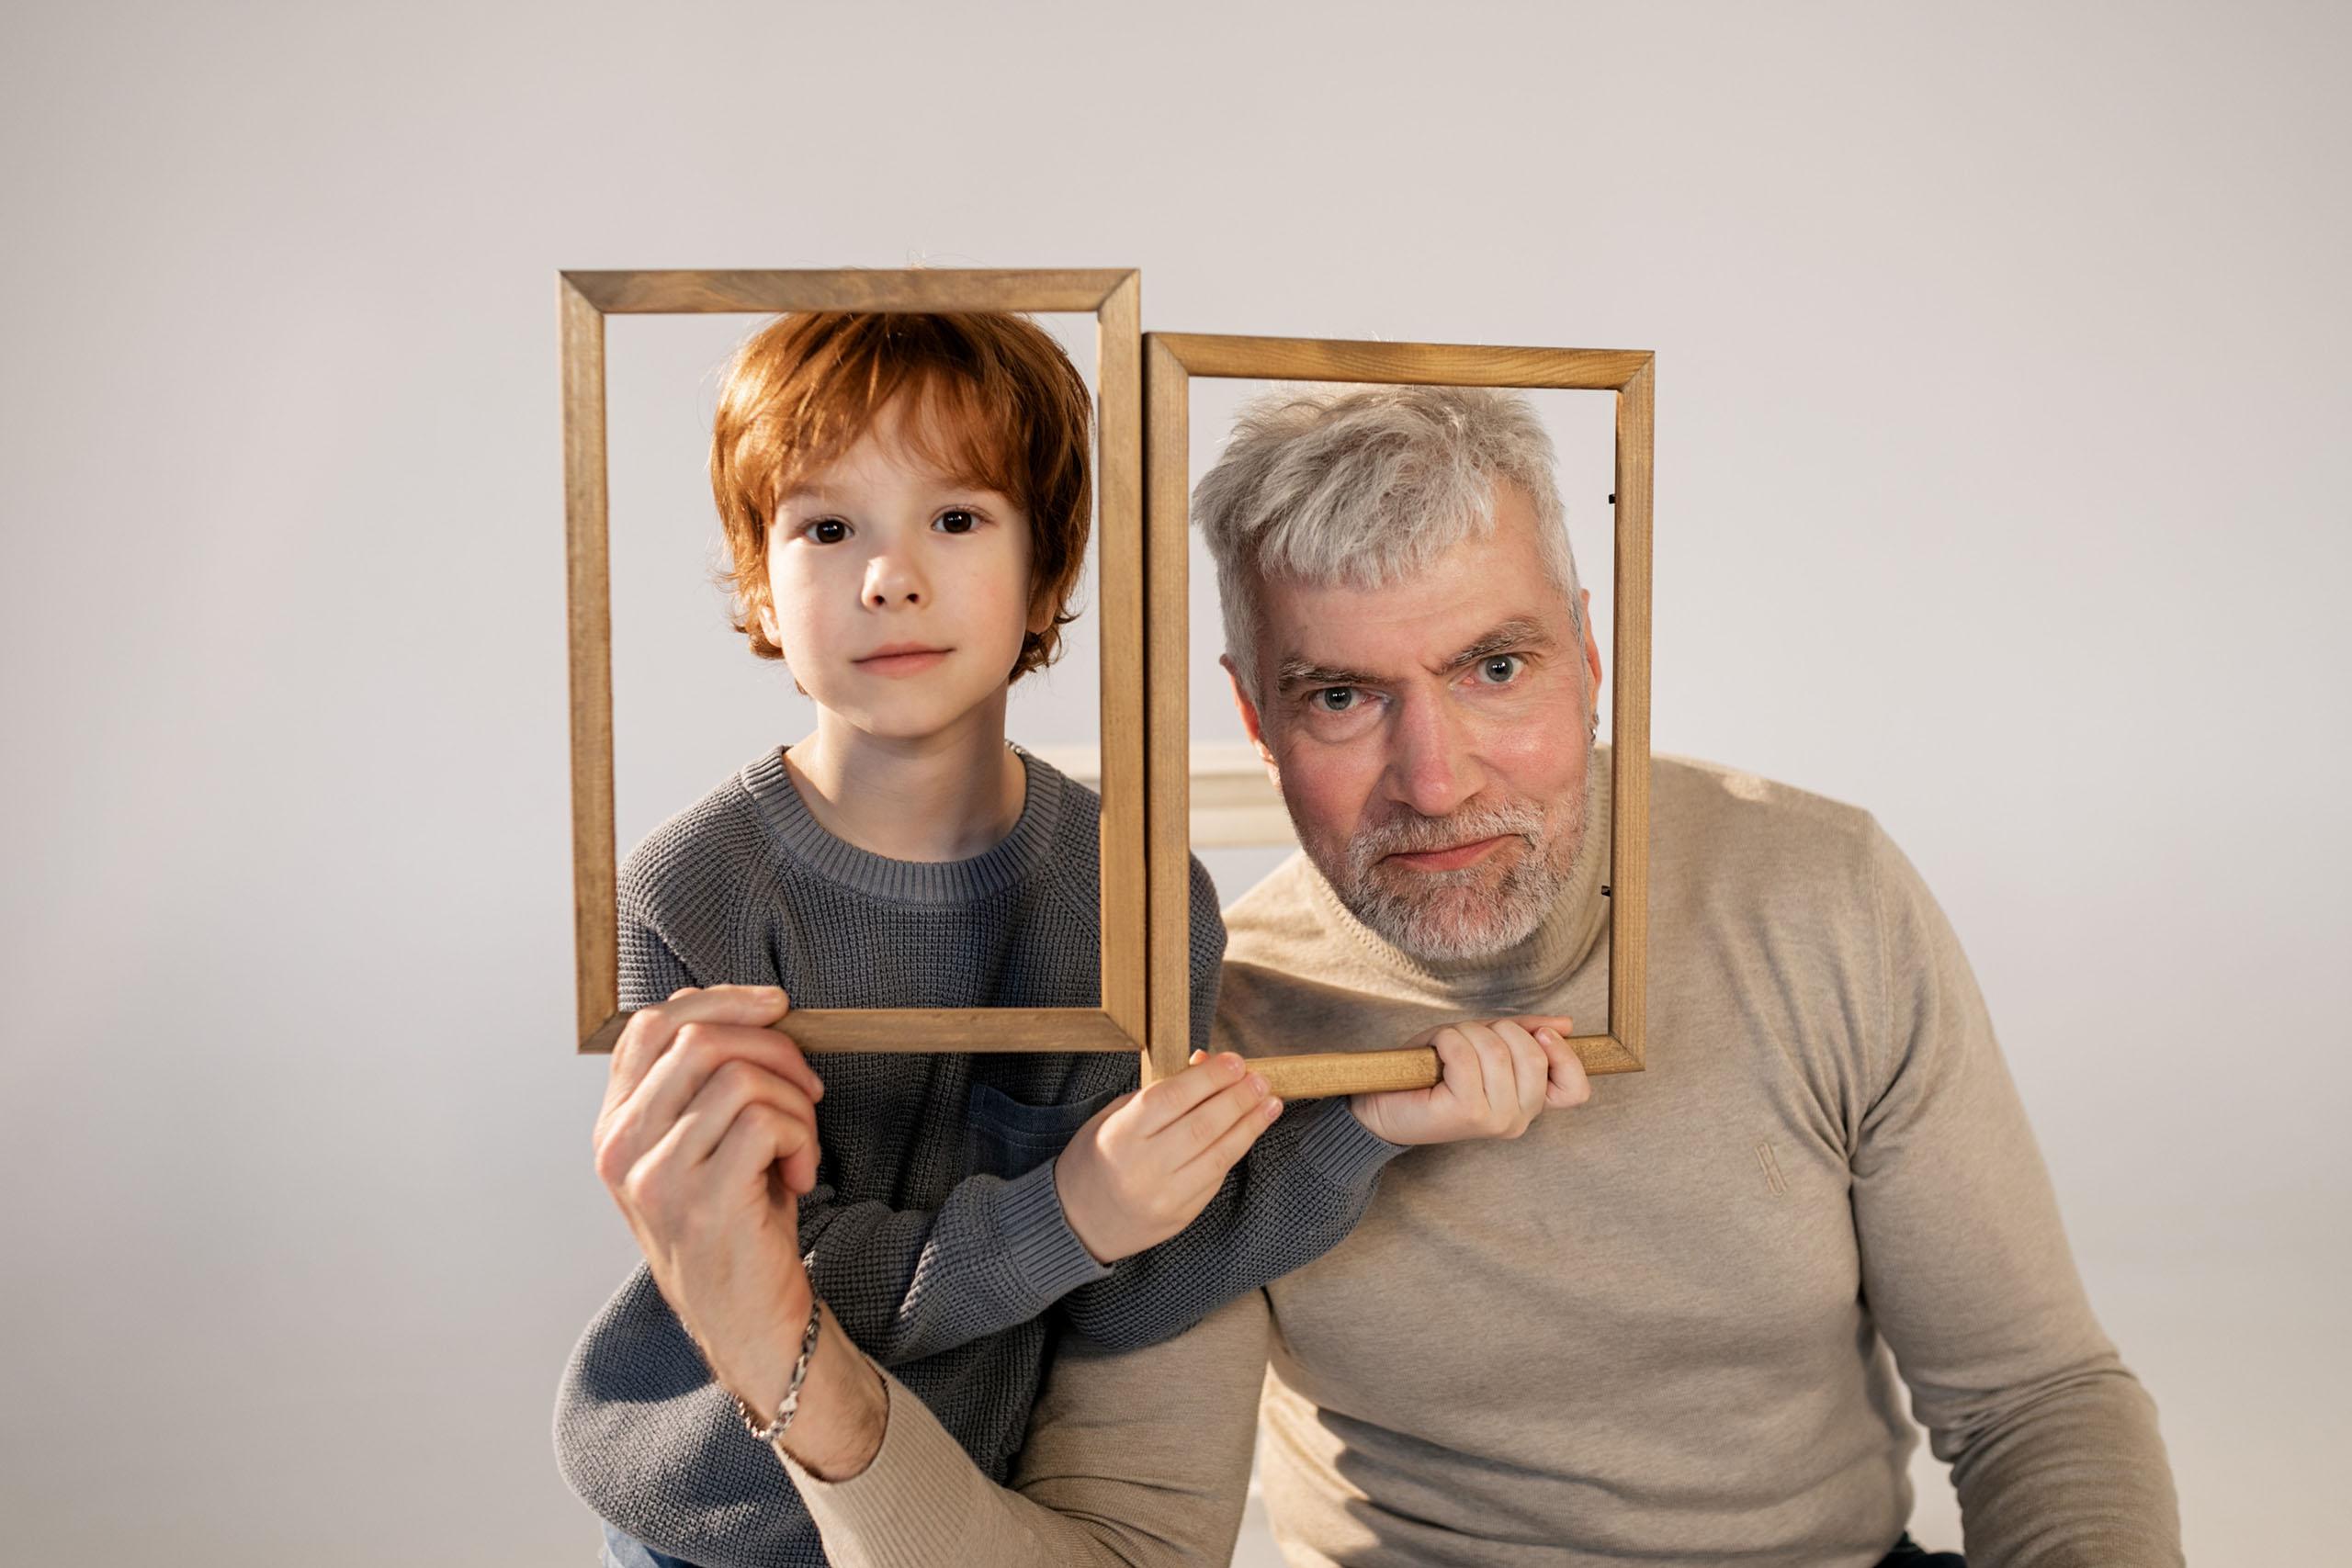 Rodinný kRok: Poznanie rodinnej histórie nás robí zdravšími – 22 zaujímavých otázok pre starých rodičov